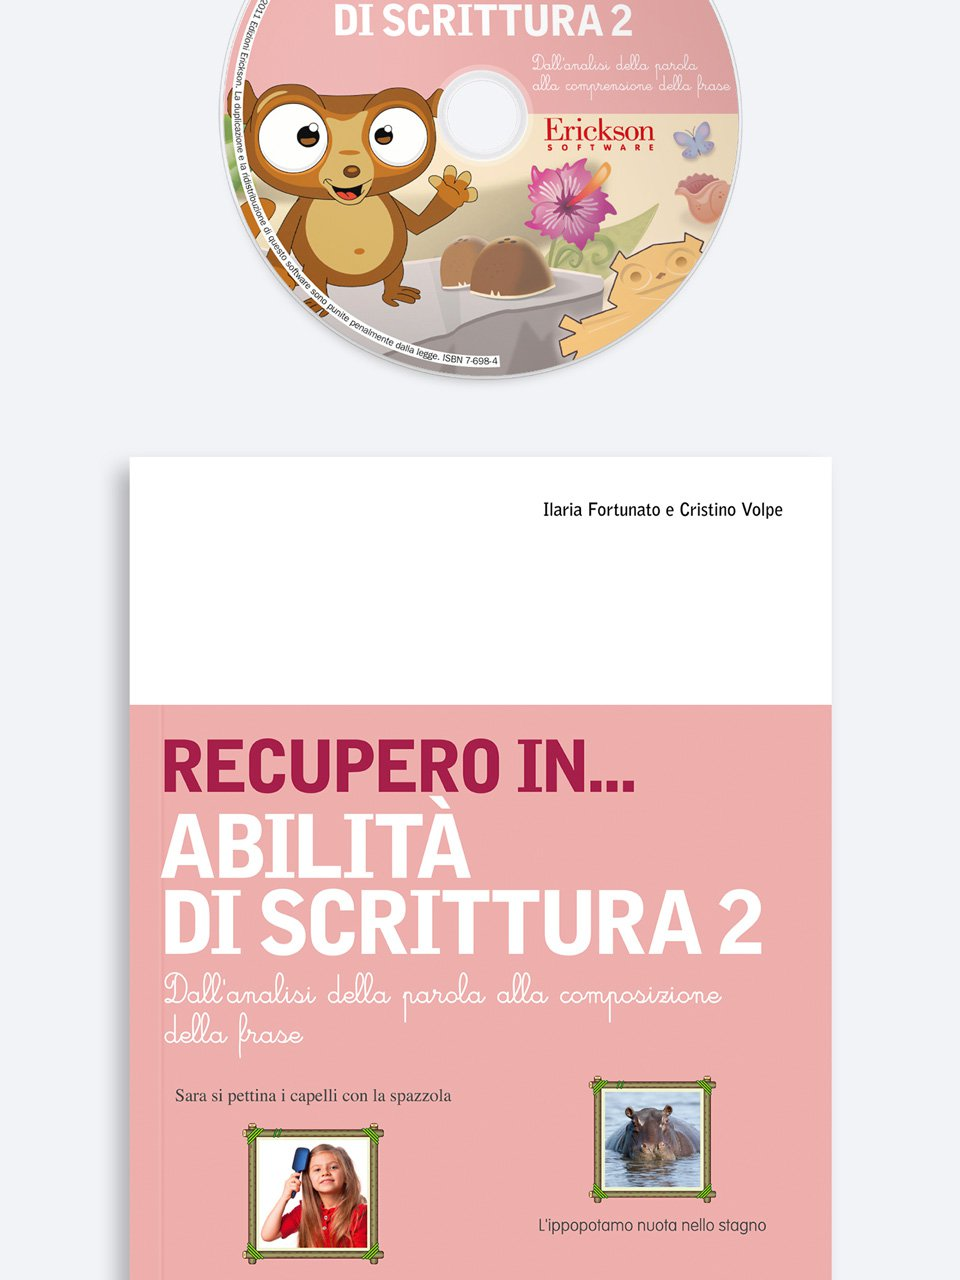 RECUPERO IN... Abilità di scrittura 2 - Libri - App e software - Erickson 7